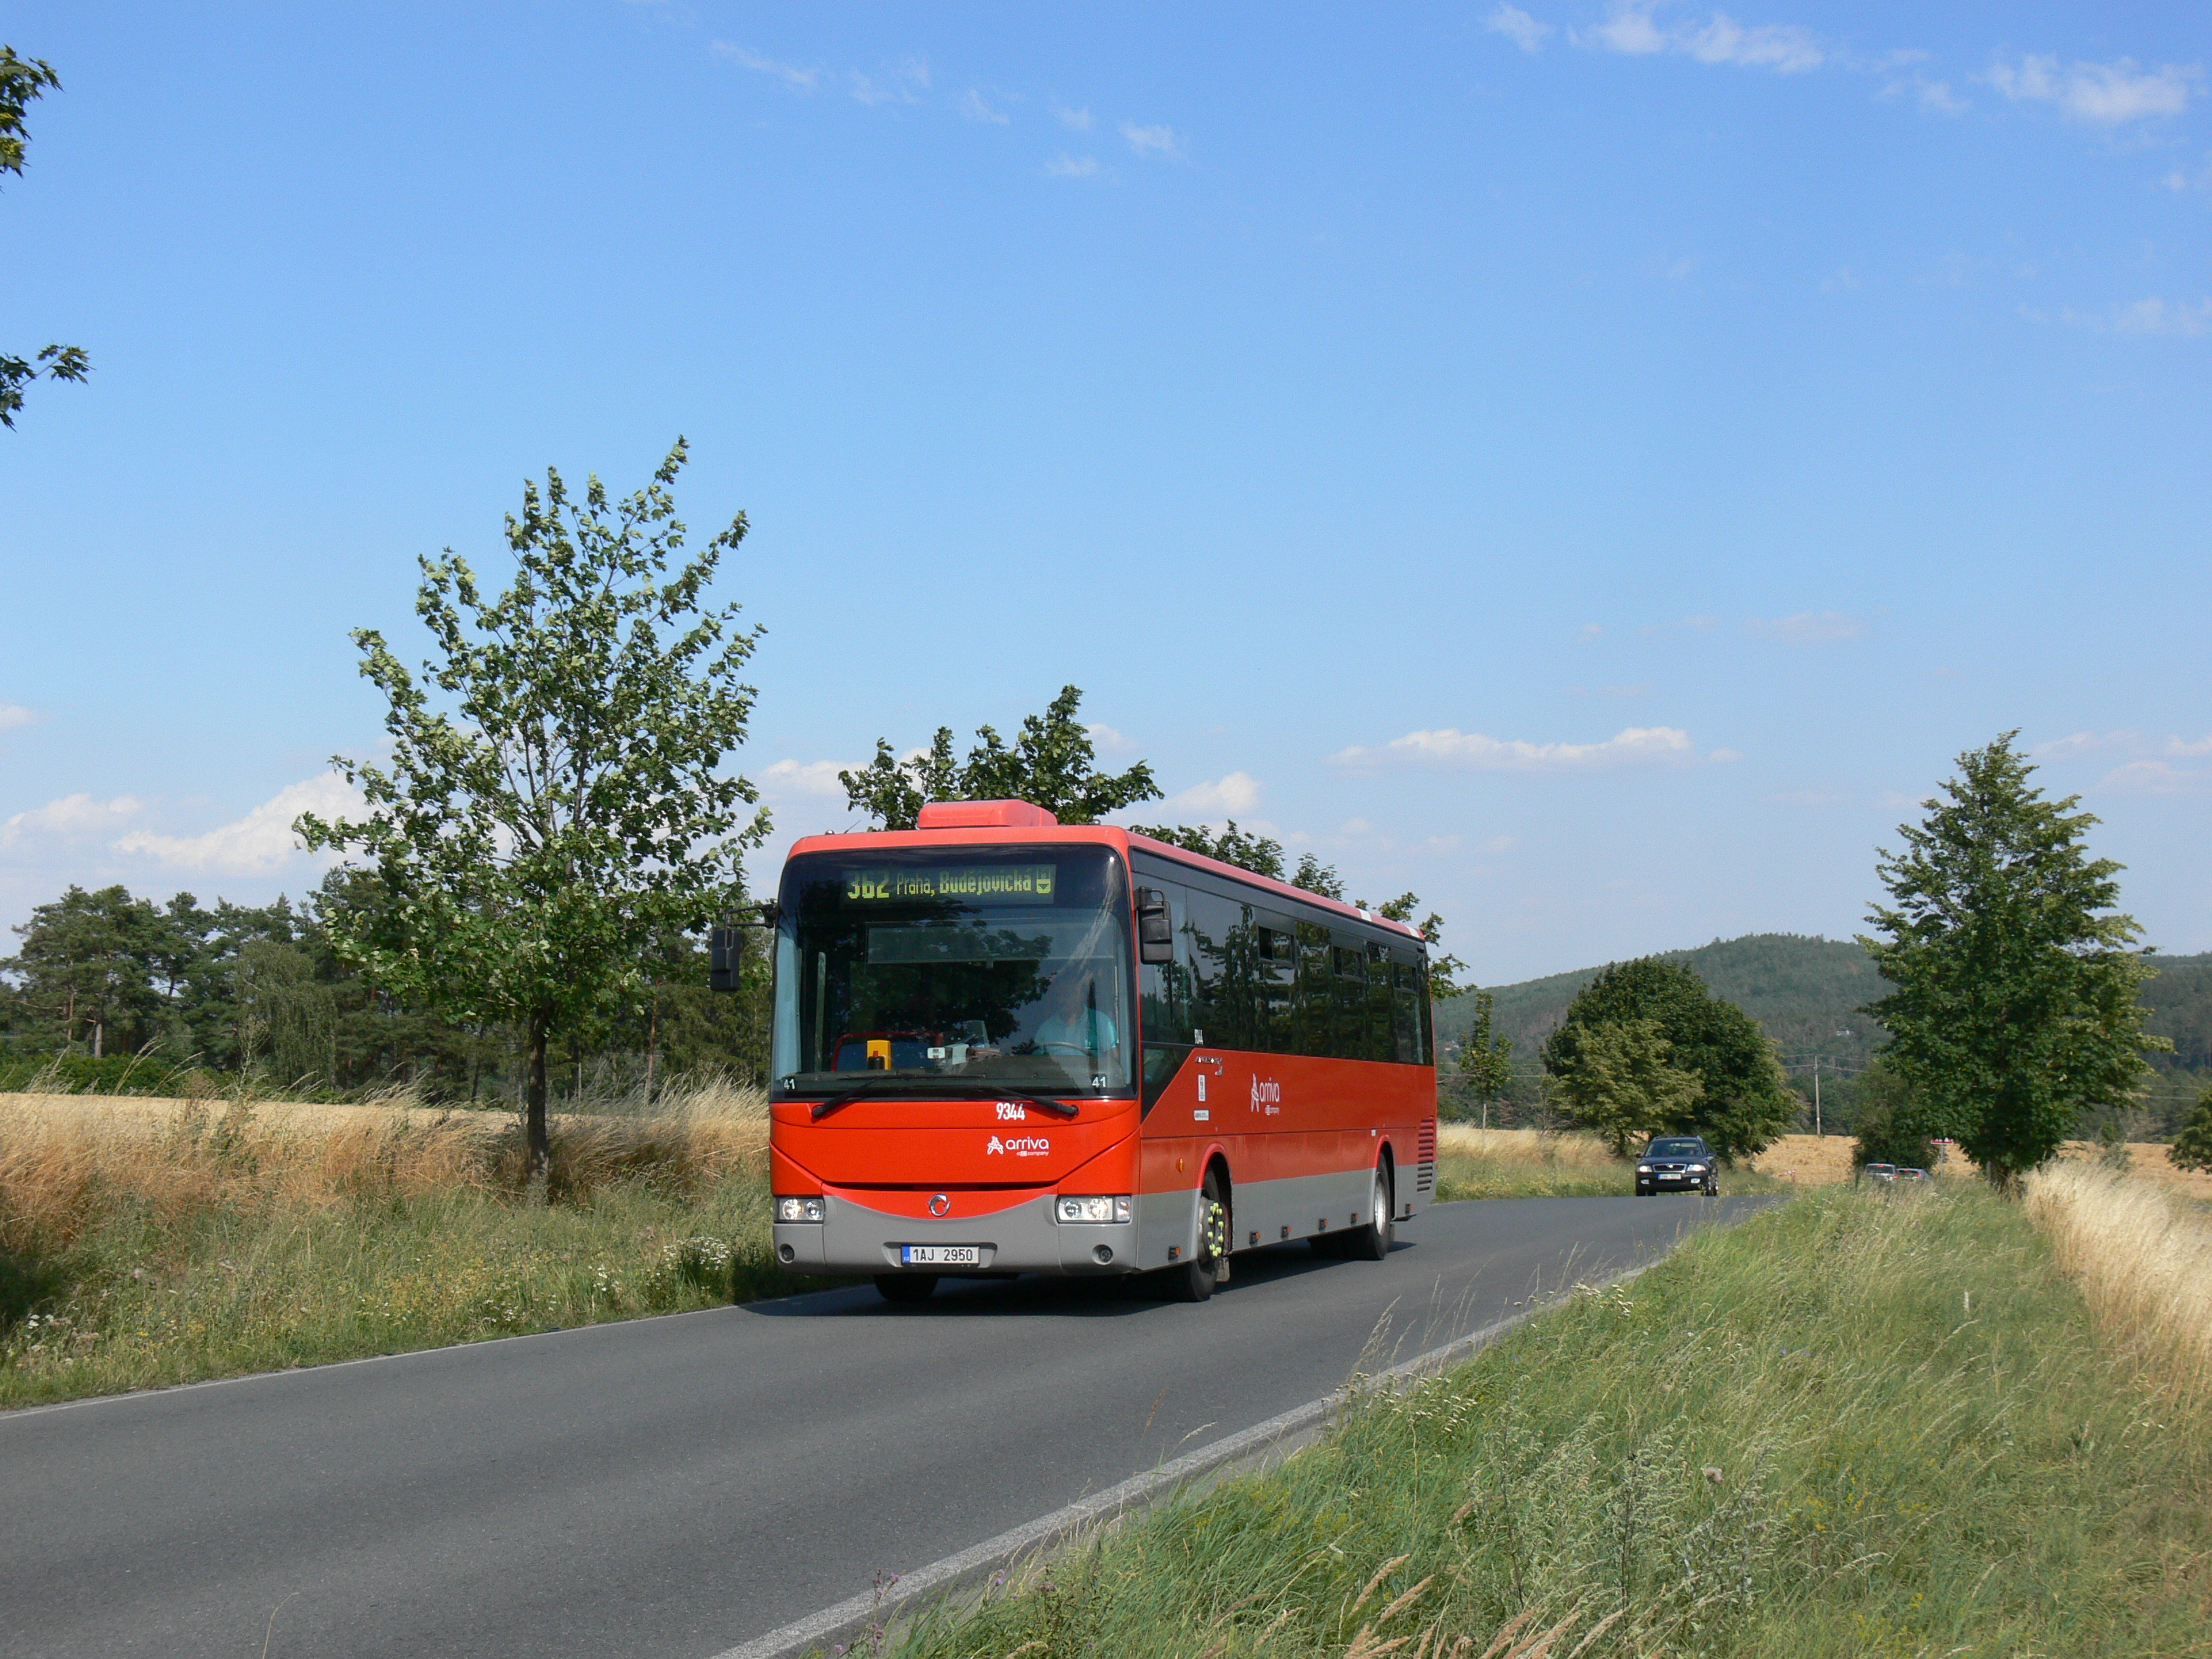 Dopravci na městských a příměstských linkách v České republice